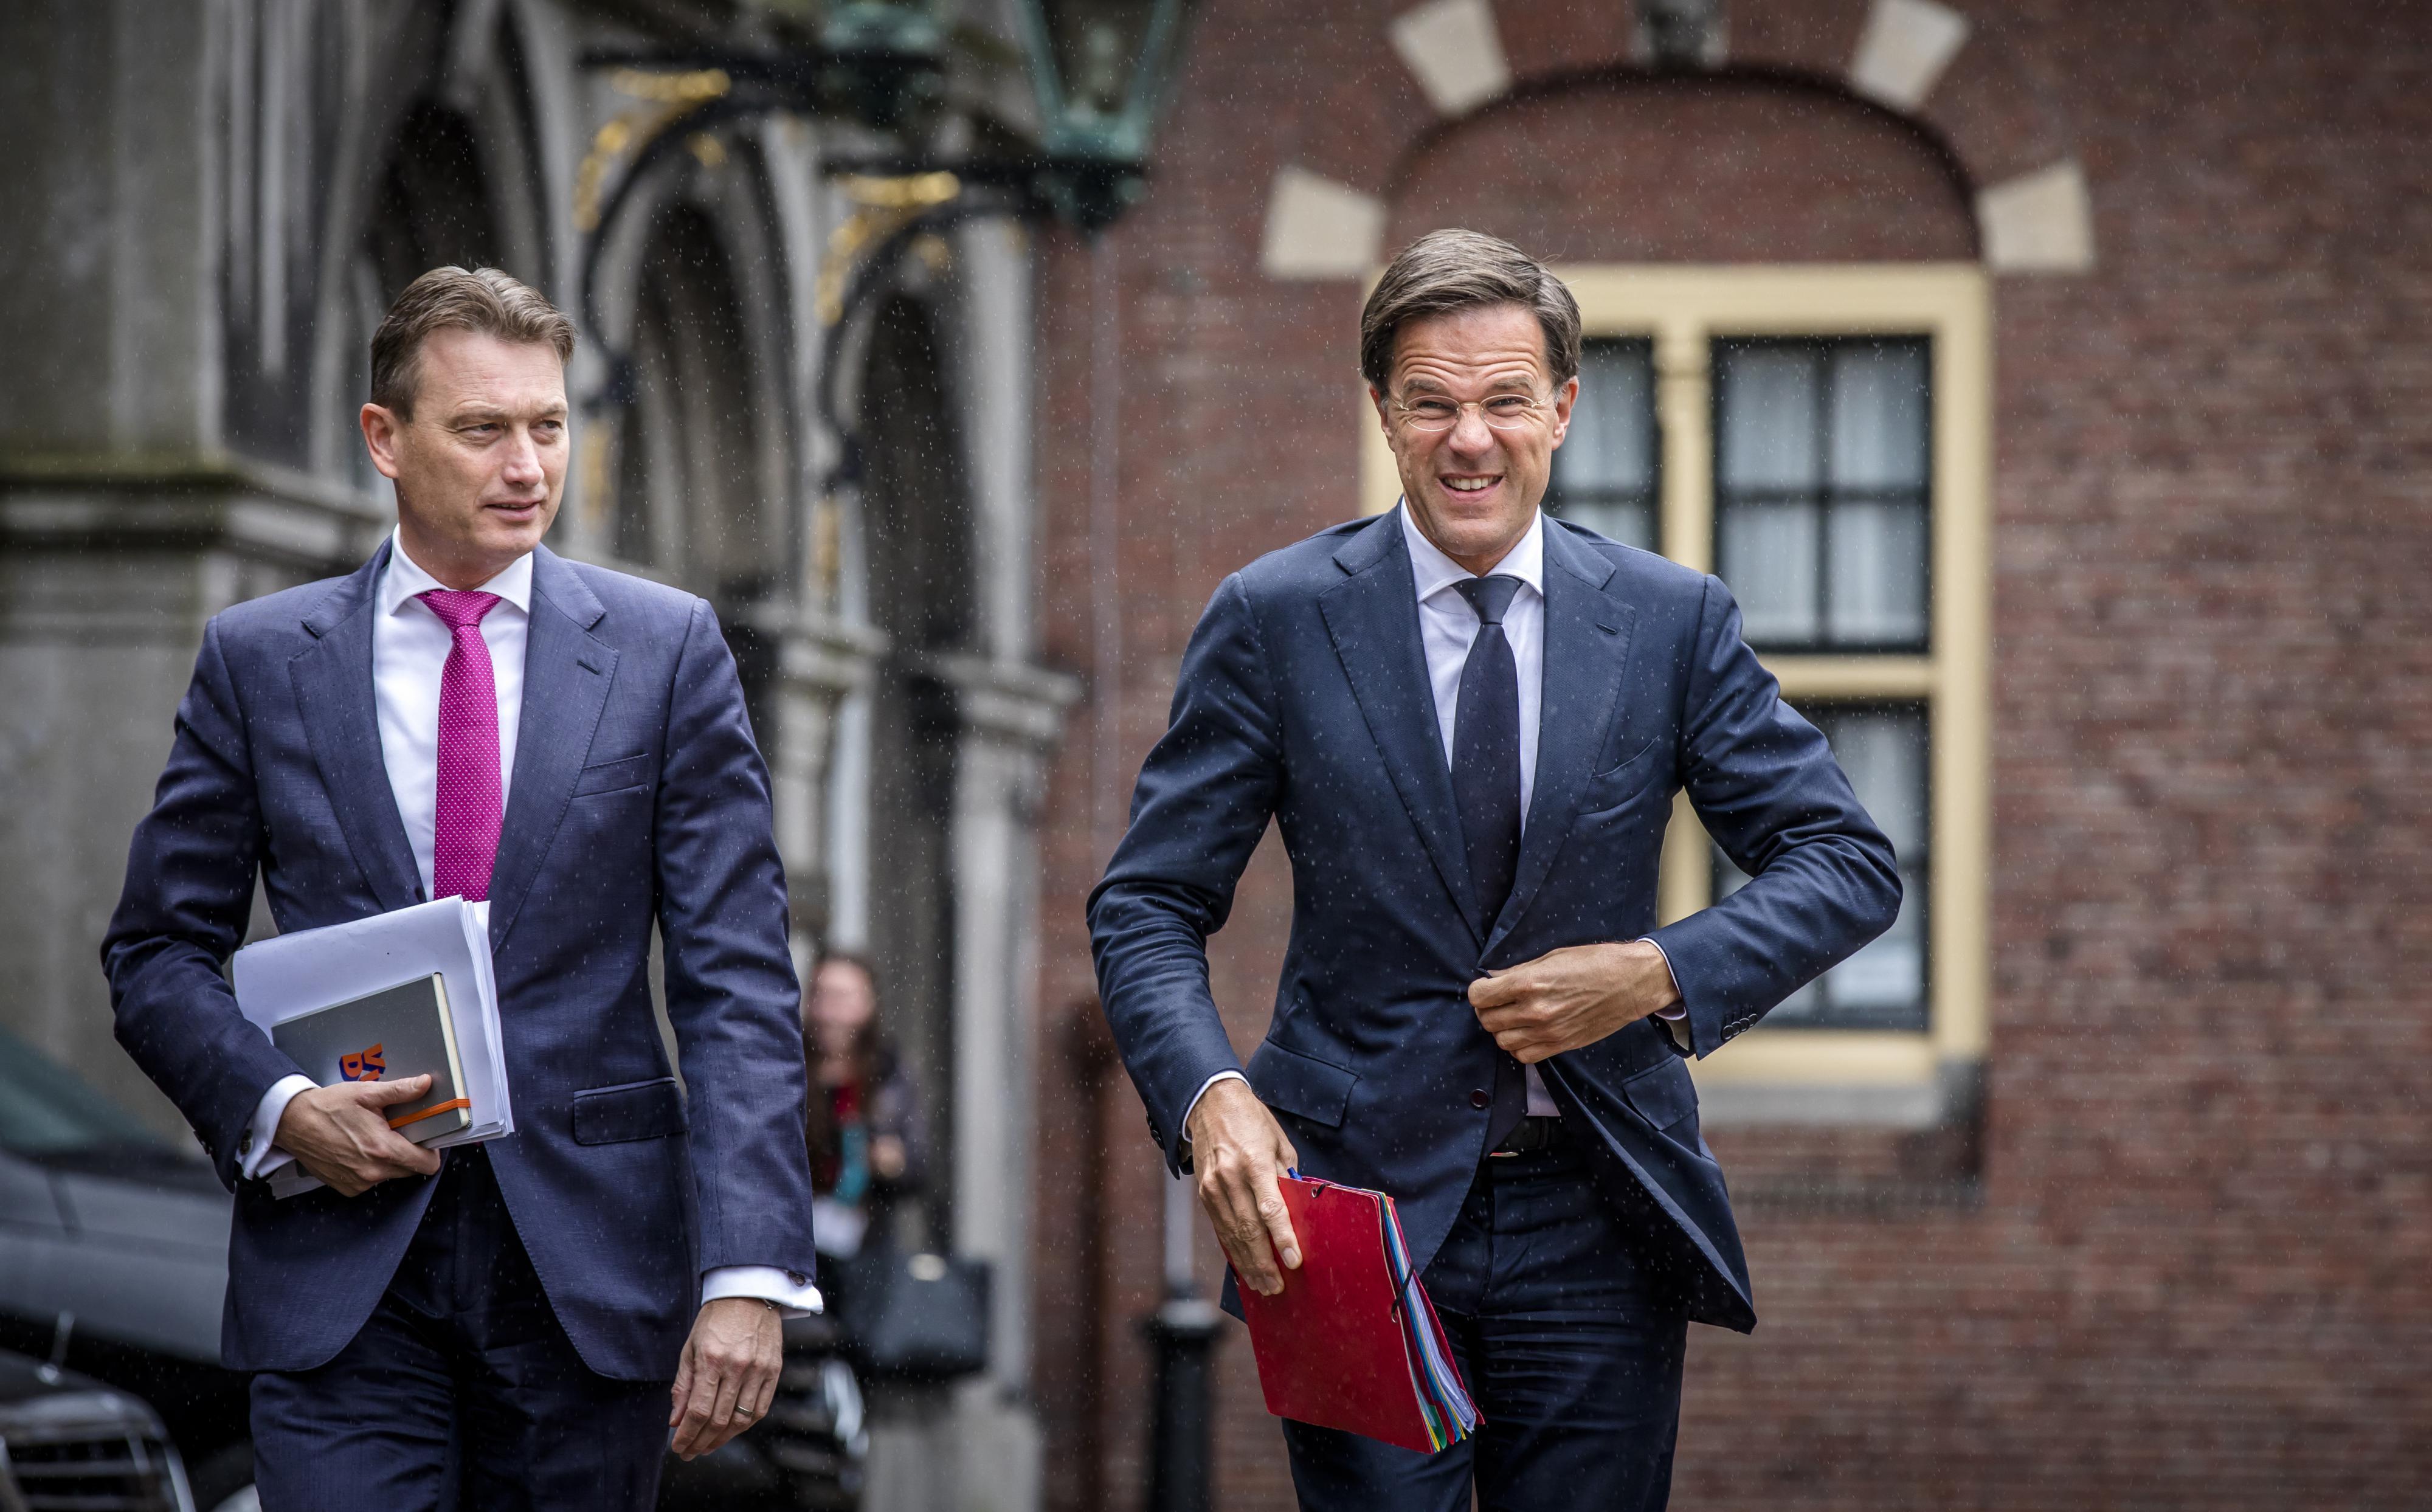 Halbe Zijlstra (VVD) en Premier Mark Rutte bij aankomst op het Binnenhof voor een gesprek met informateur Gerrit Zalm. Foto: ANP